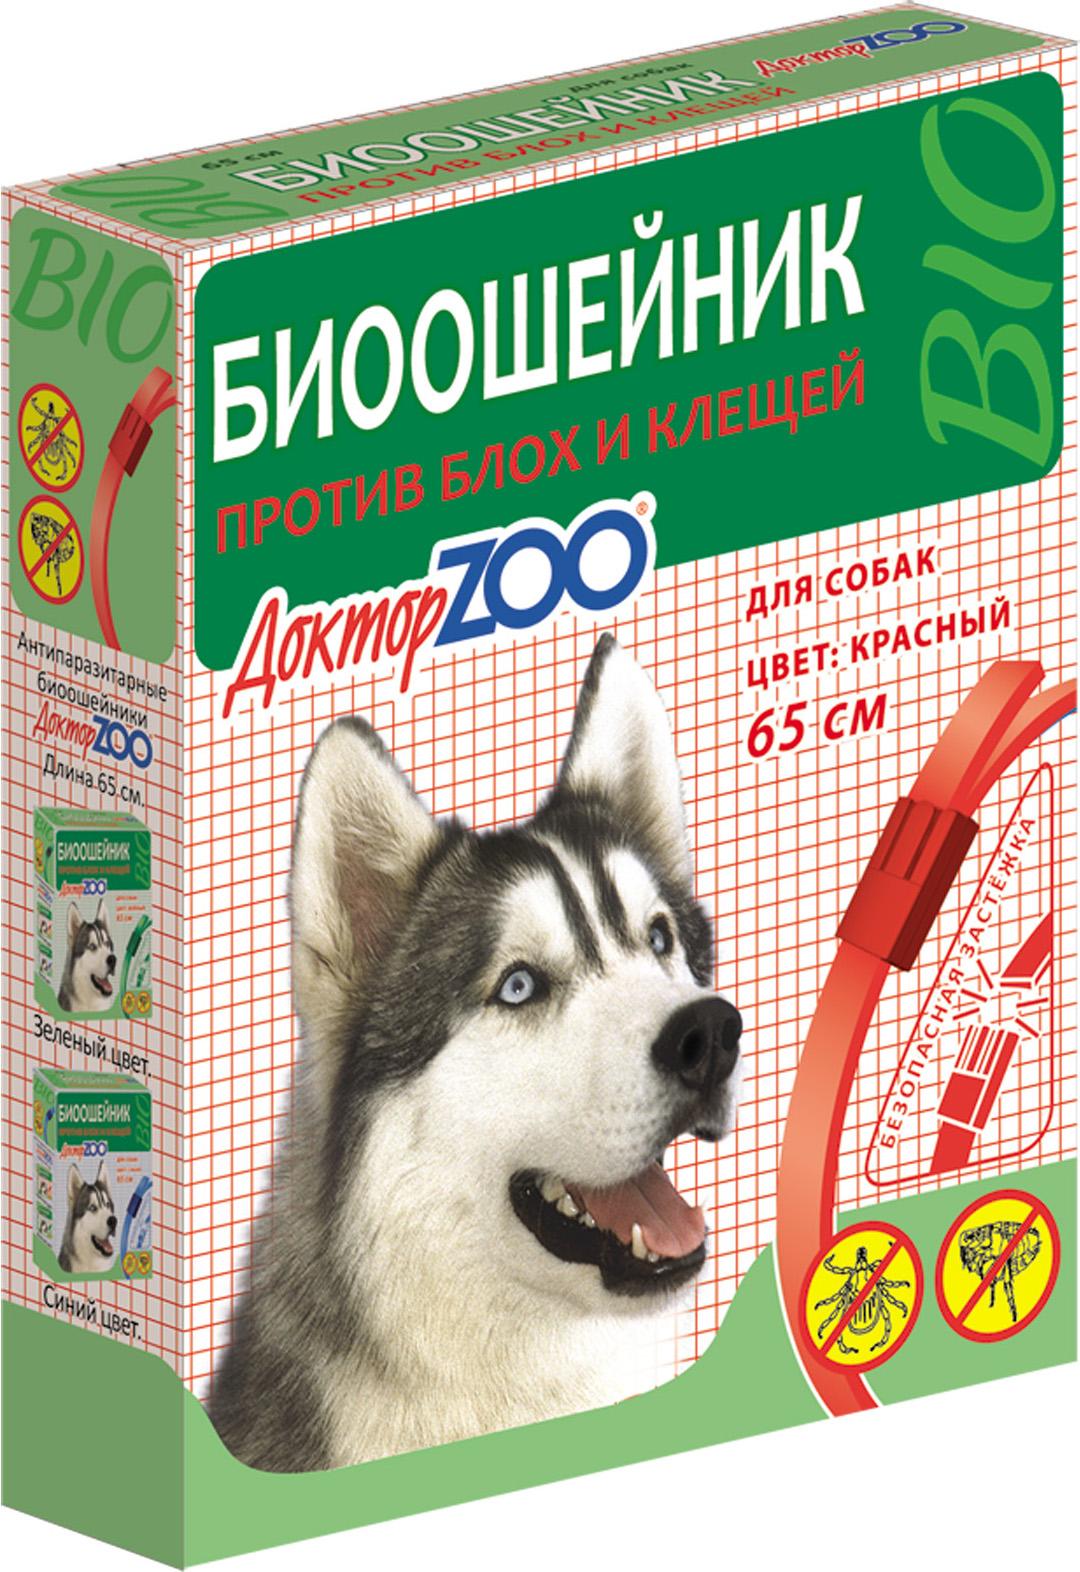 БИОошейник Доктор ZOO, для собак, от блох и клещей, цвет: красный, 65 см спрей моющий для дезинфекции и ликвидации запахов zoo clean зоосан